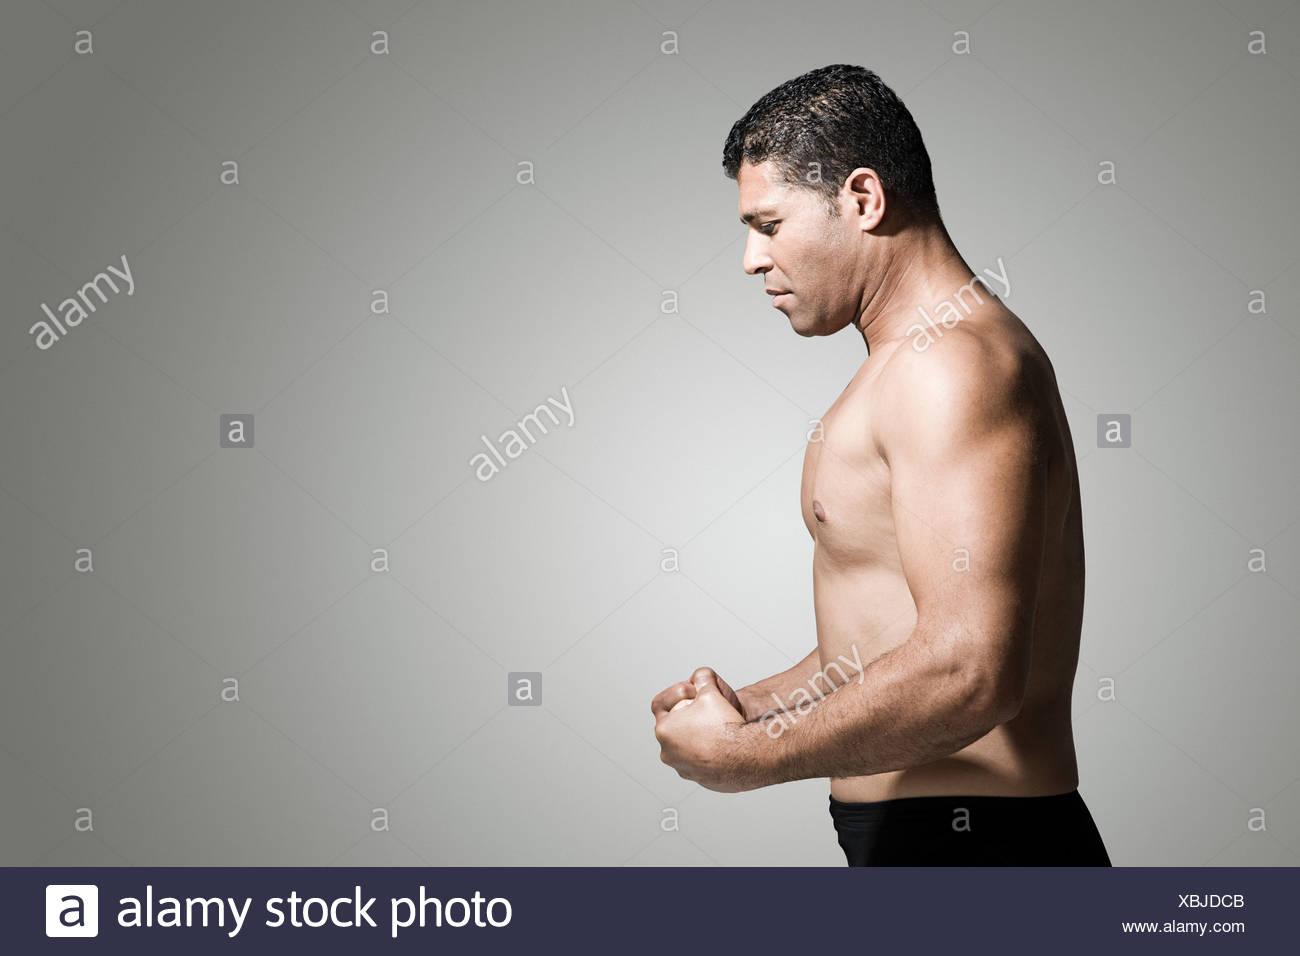 Profil d'un homme musclé Banque D'Images